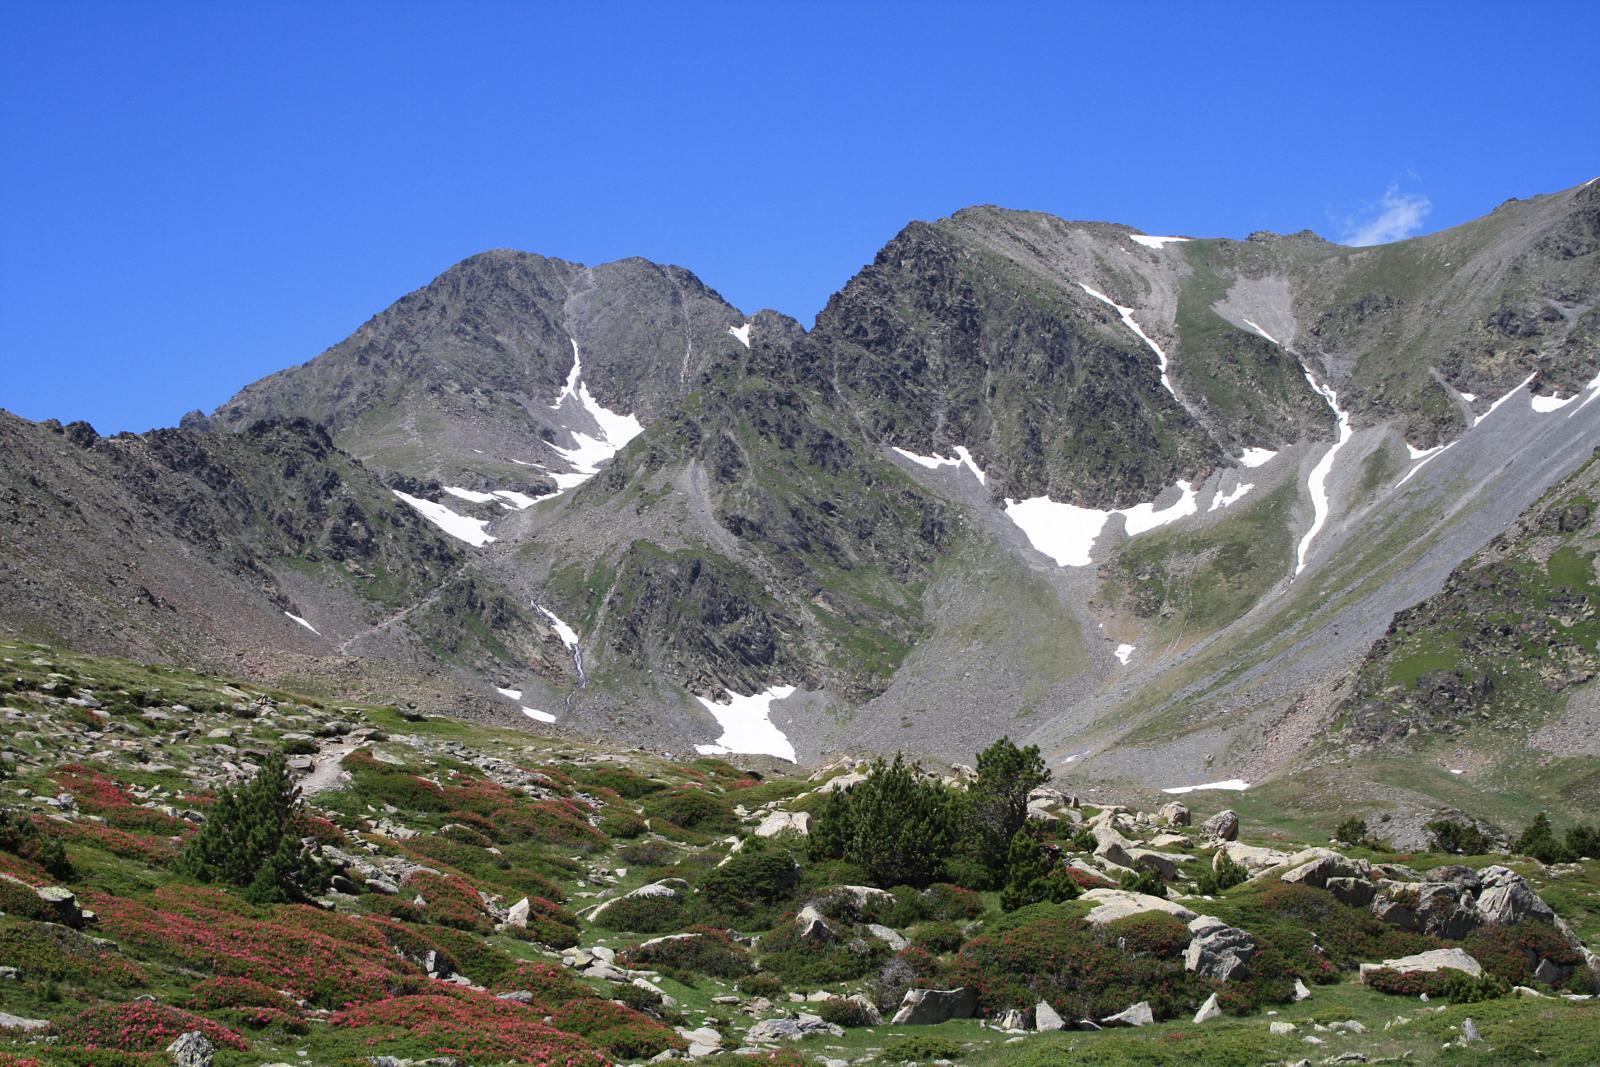 Ascensiones en la Cerdaña. Puigpedrós, Carlit, Puigmal y Pedraforca